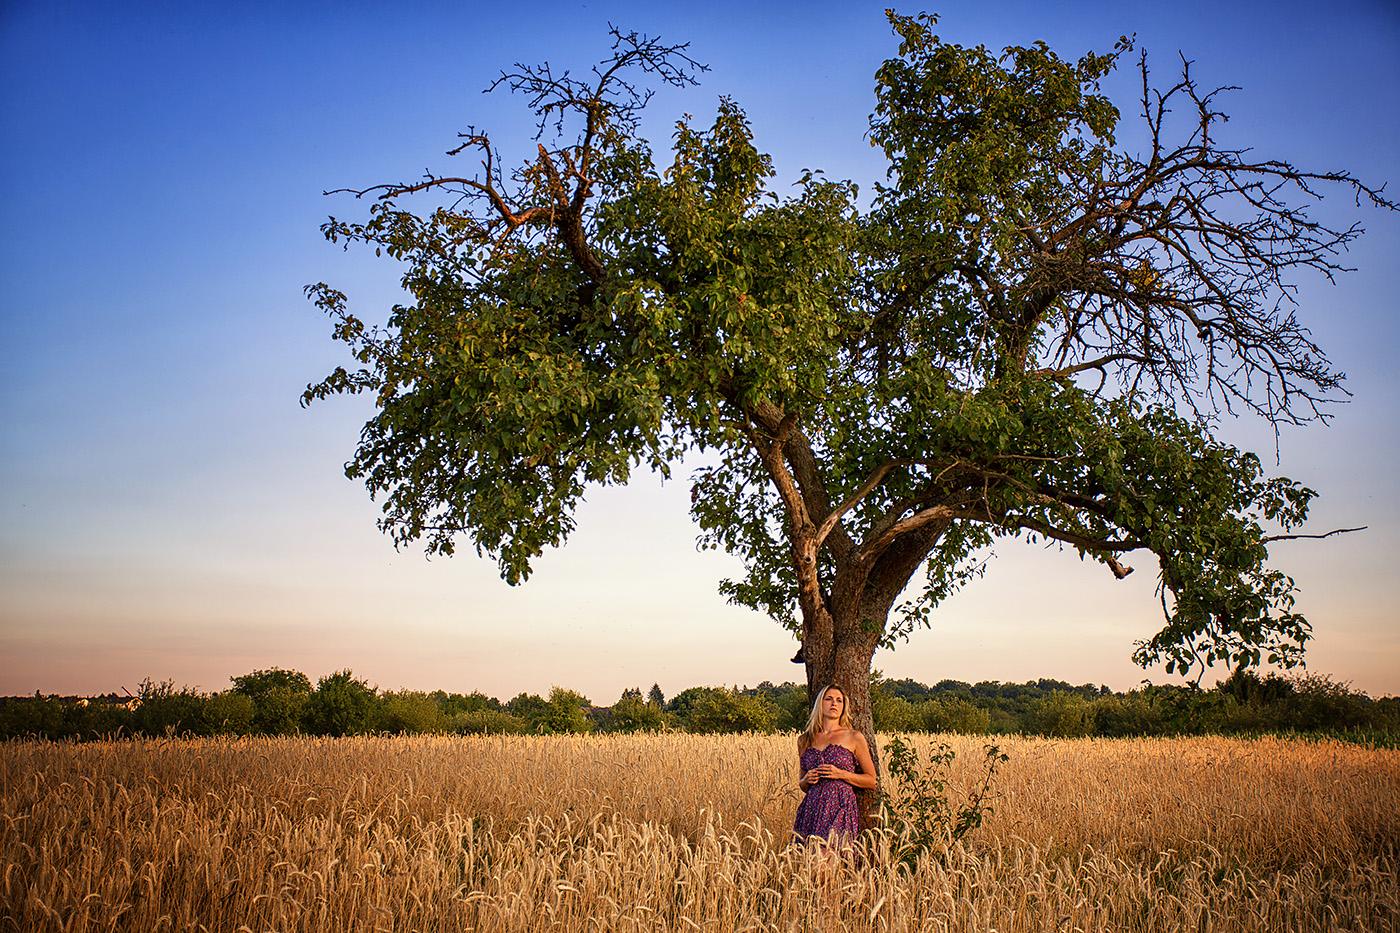 Frau in Sommerkleid an Baum im Feld